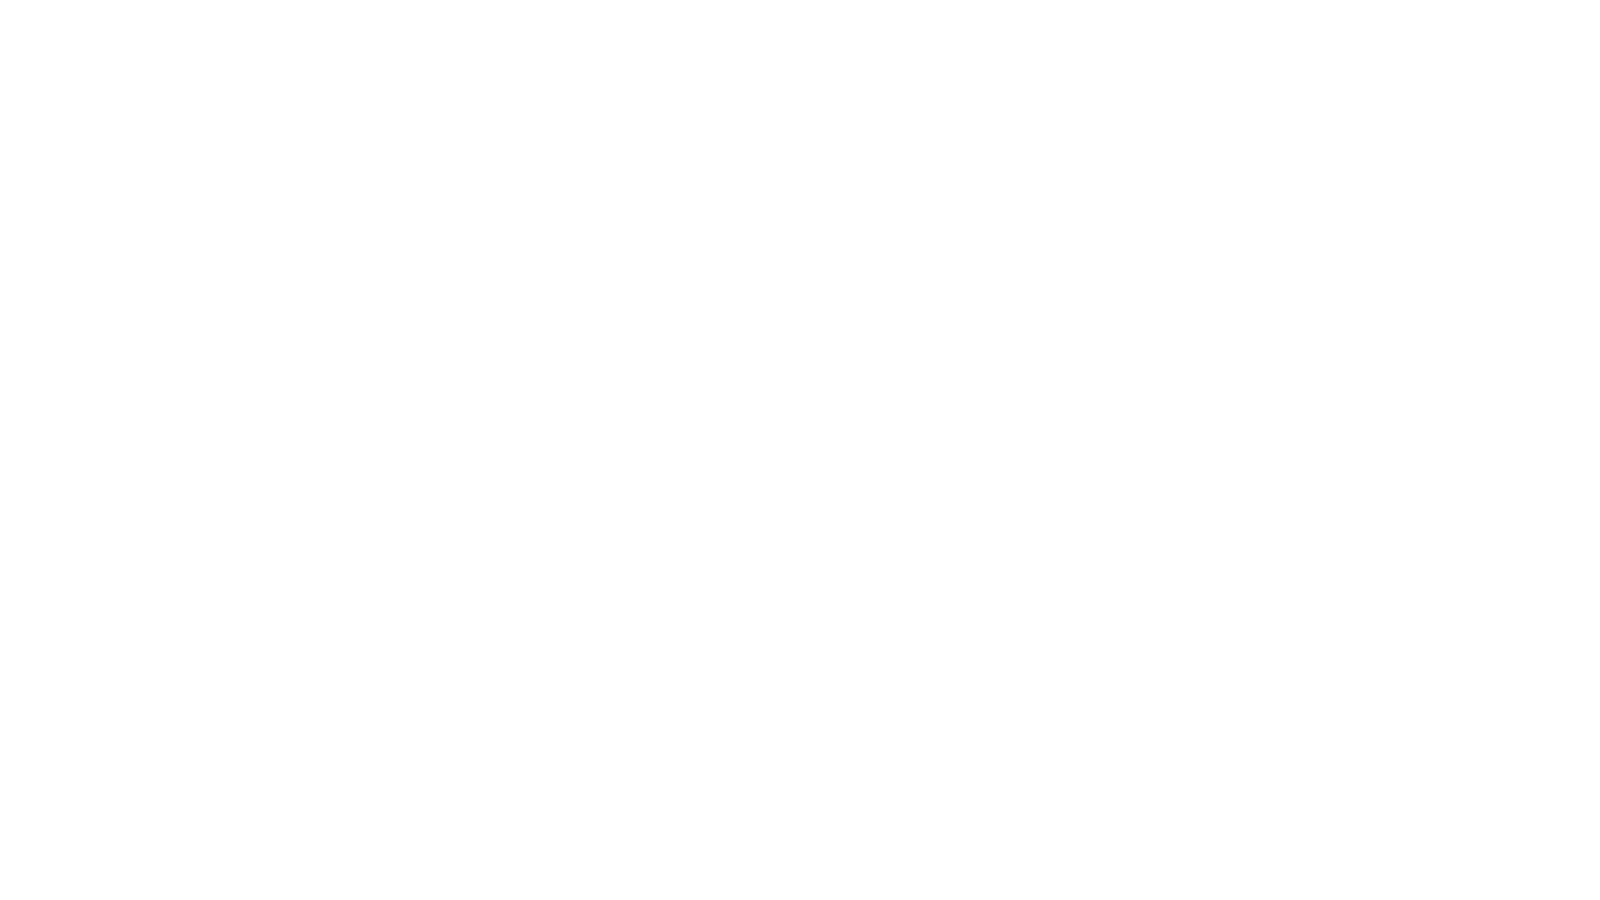 Nuestros Toldos, proporcionados por el principal fabricante de toldos del mundo, como lo es la empresa española Llaza, a través de su distribuidor para Venezuela, nos permite ofrecer una gran variedad de toldos adaptados a la necesidad del mercado nacional. Fabricados con los mejores materiales y los mejores diseños para que usted y su familia pueda disfrutar de ese espacio al aire libre en su hogar.